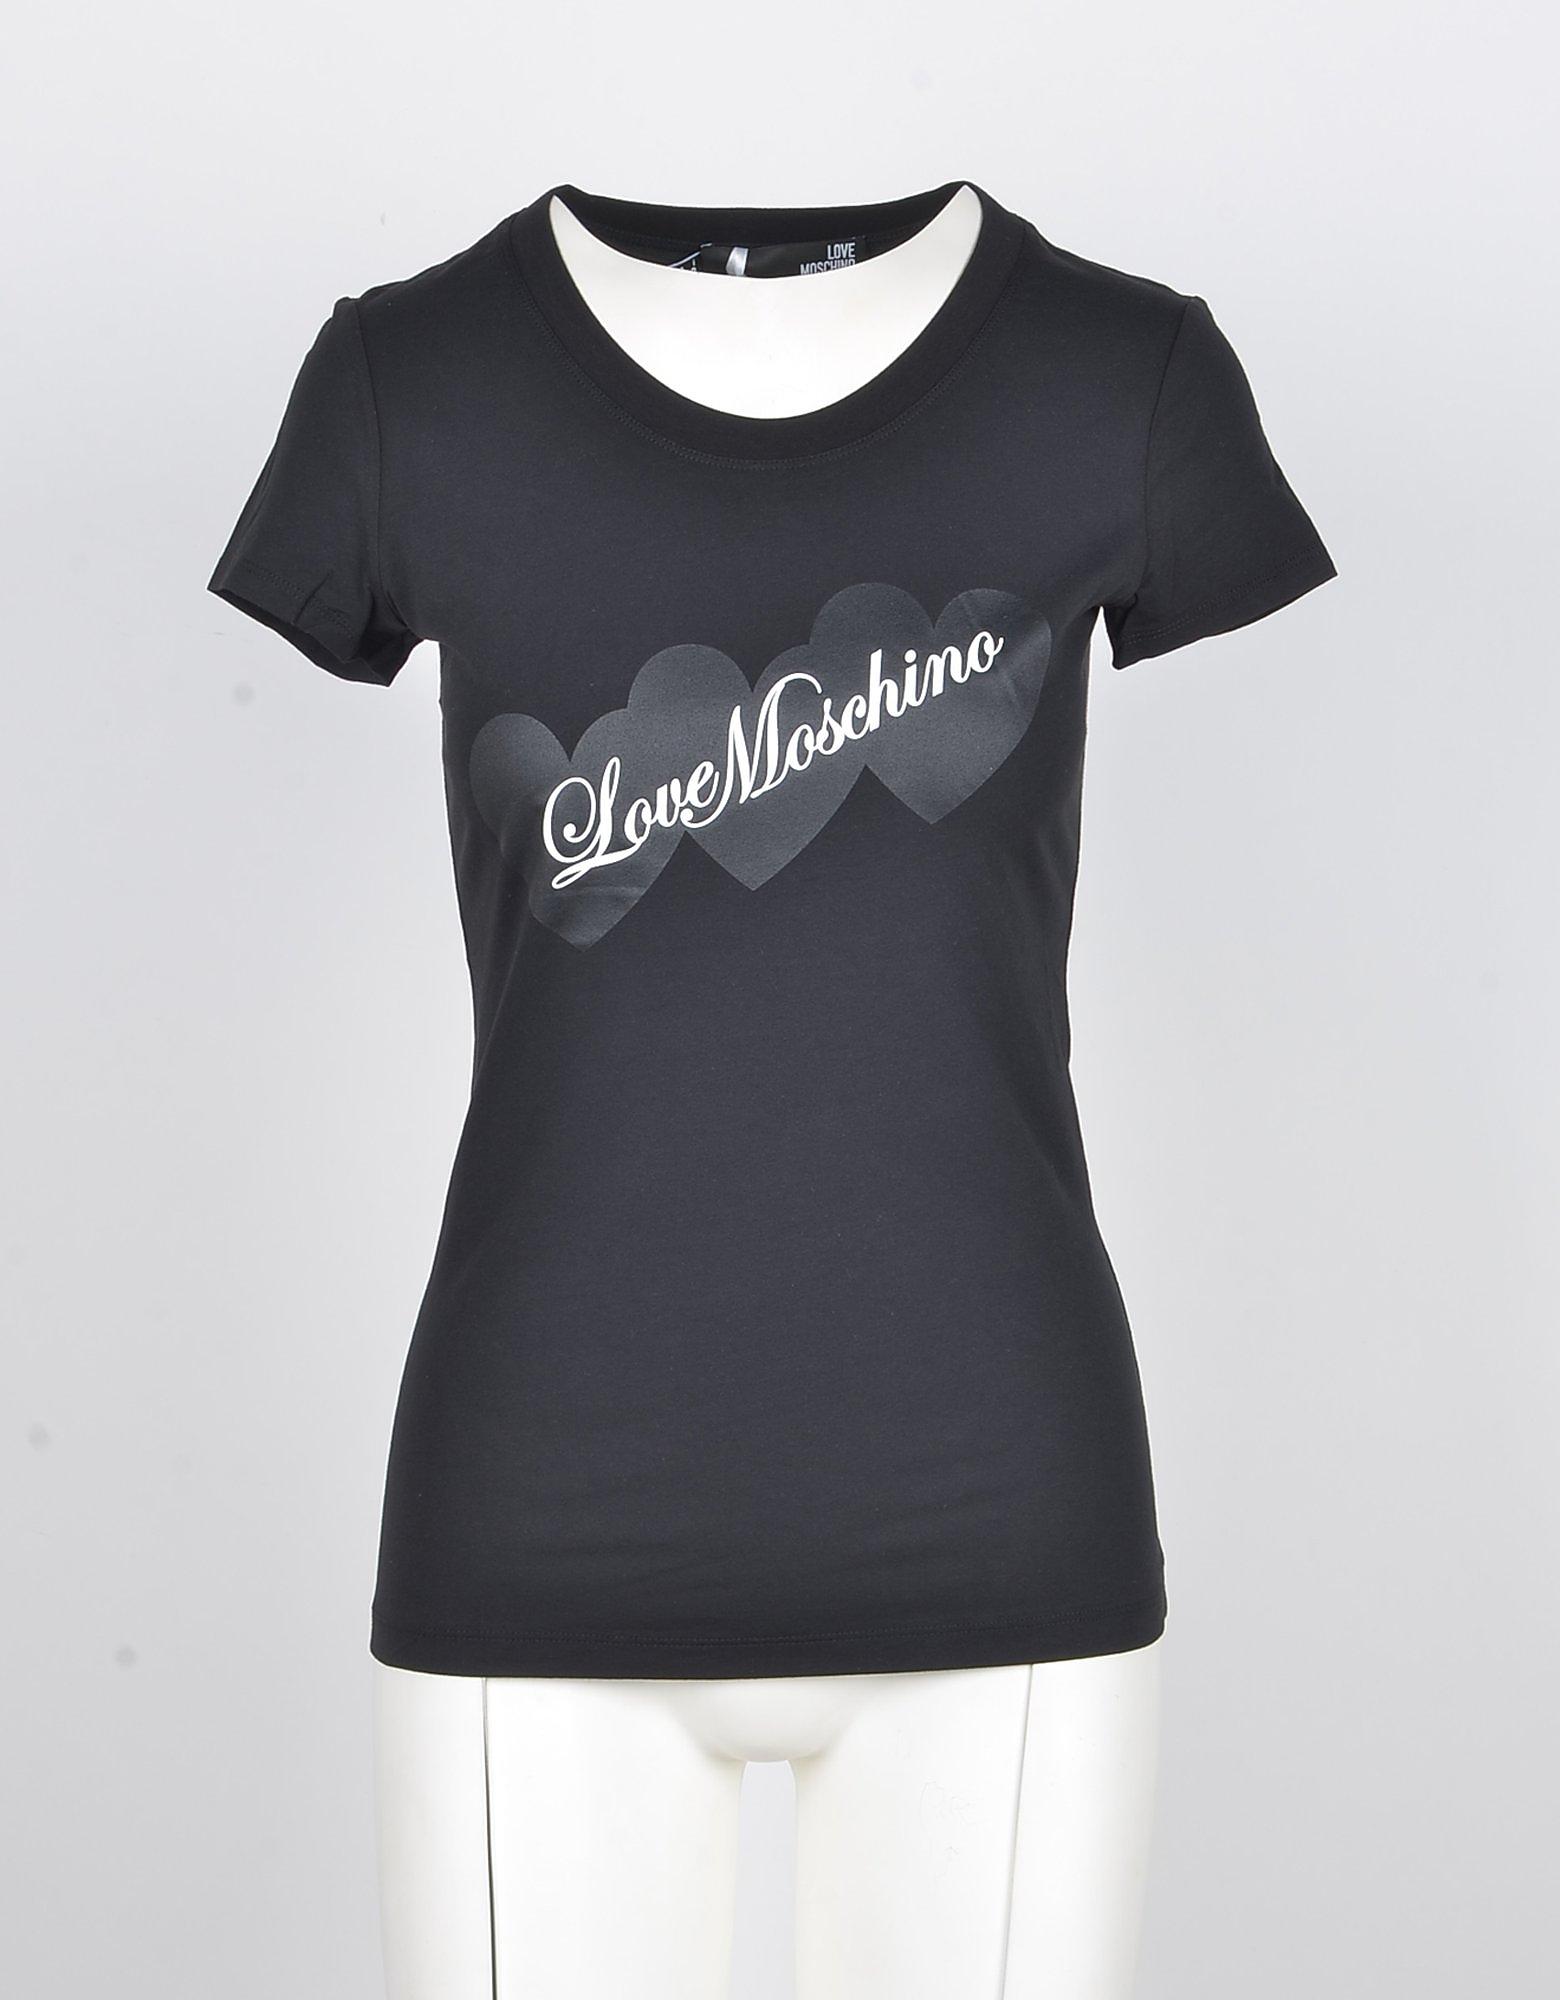 Love Moschino Designer T-Shirts & Tops, Women's Black Tshirt